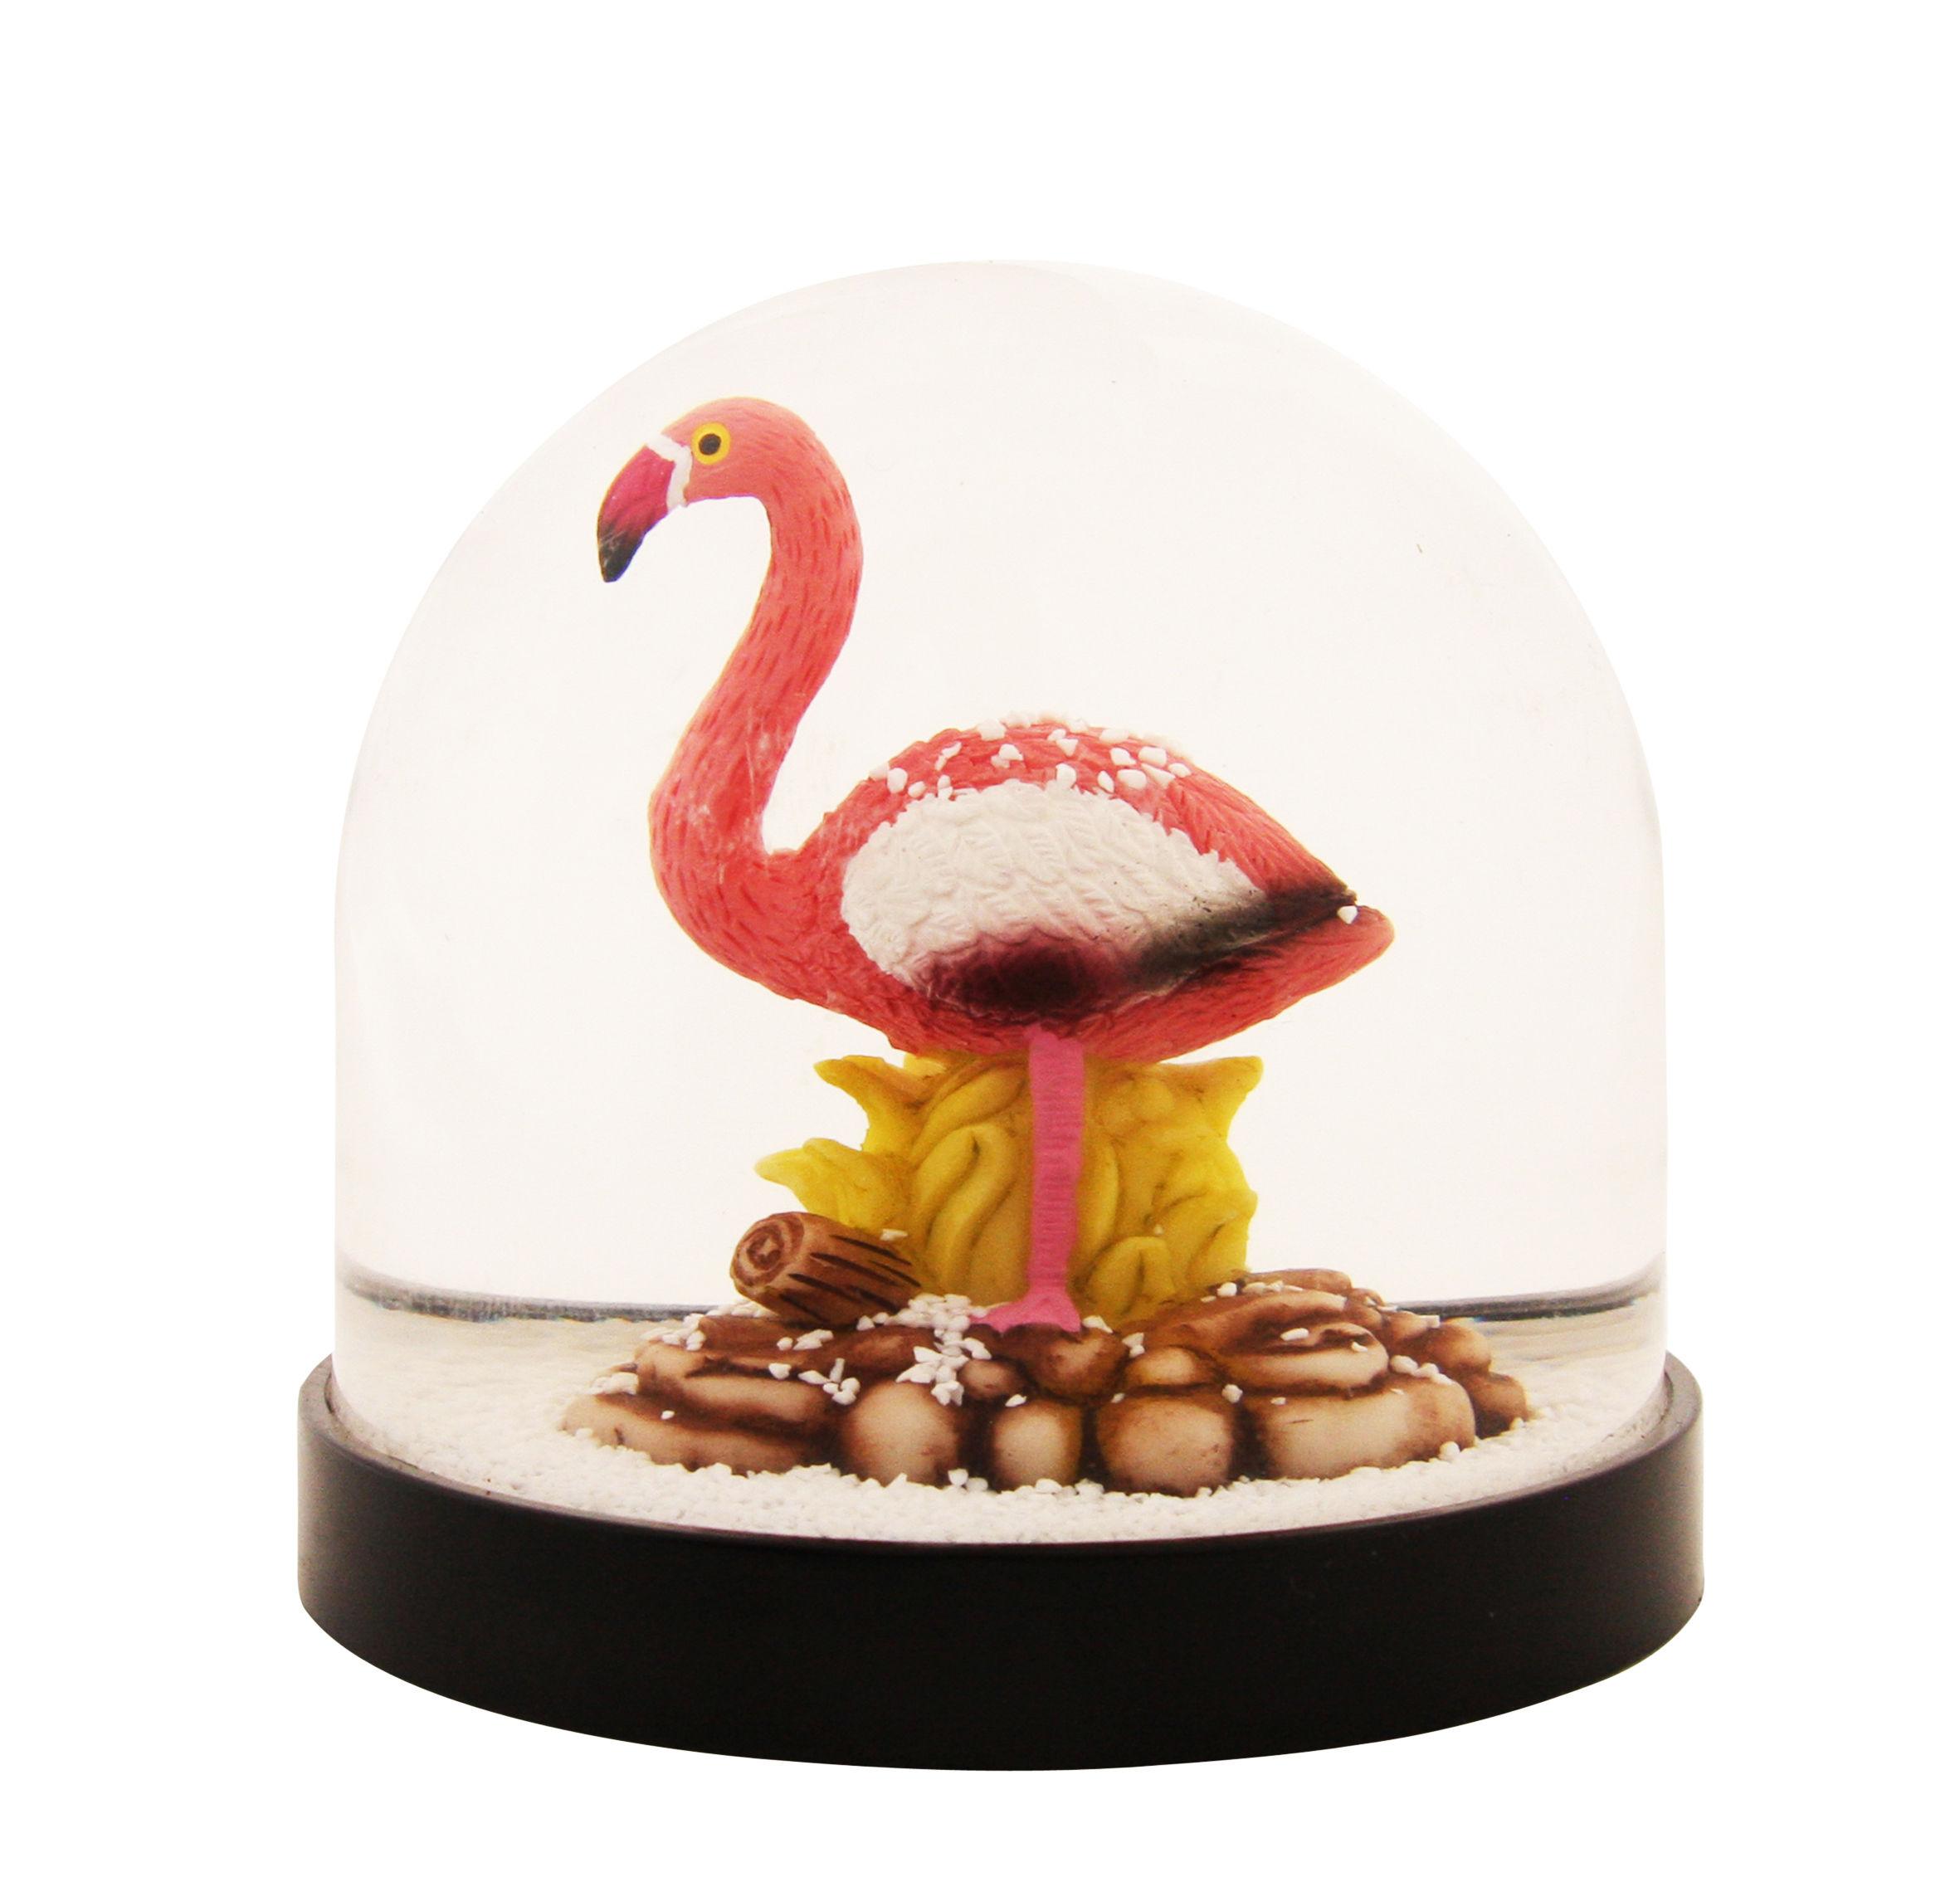 Dekoration - Für Kinder - Schneekugel / Flamingo - & klevering - Flamingo - Plastik